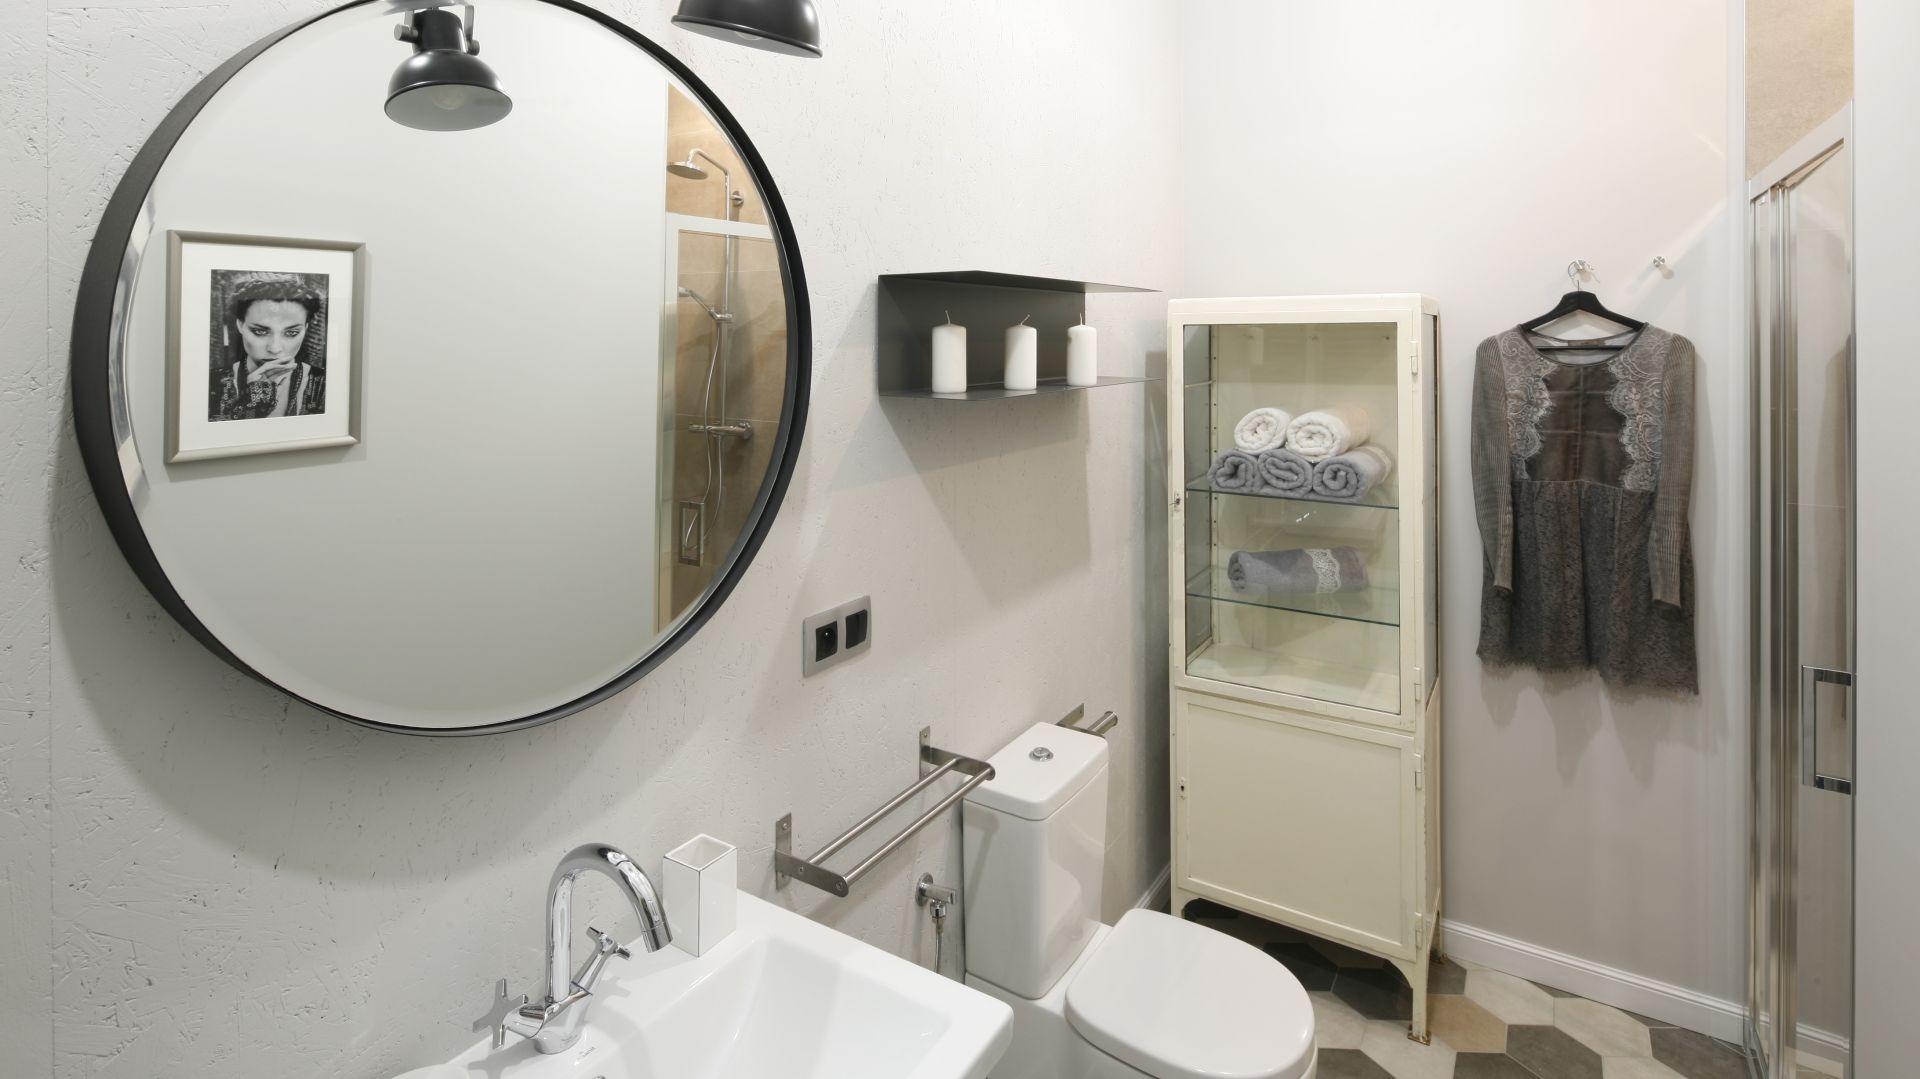 Pomysł na lustro w łazience. Proj. Katarzyna Moraczewska, Barbara Przasnyska. Fot. Bartosz Jarosz